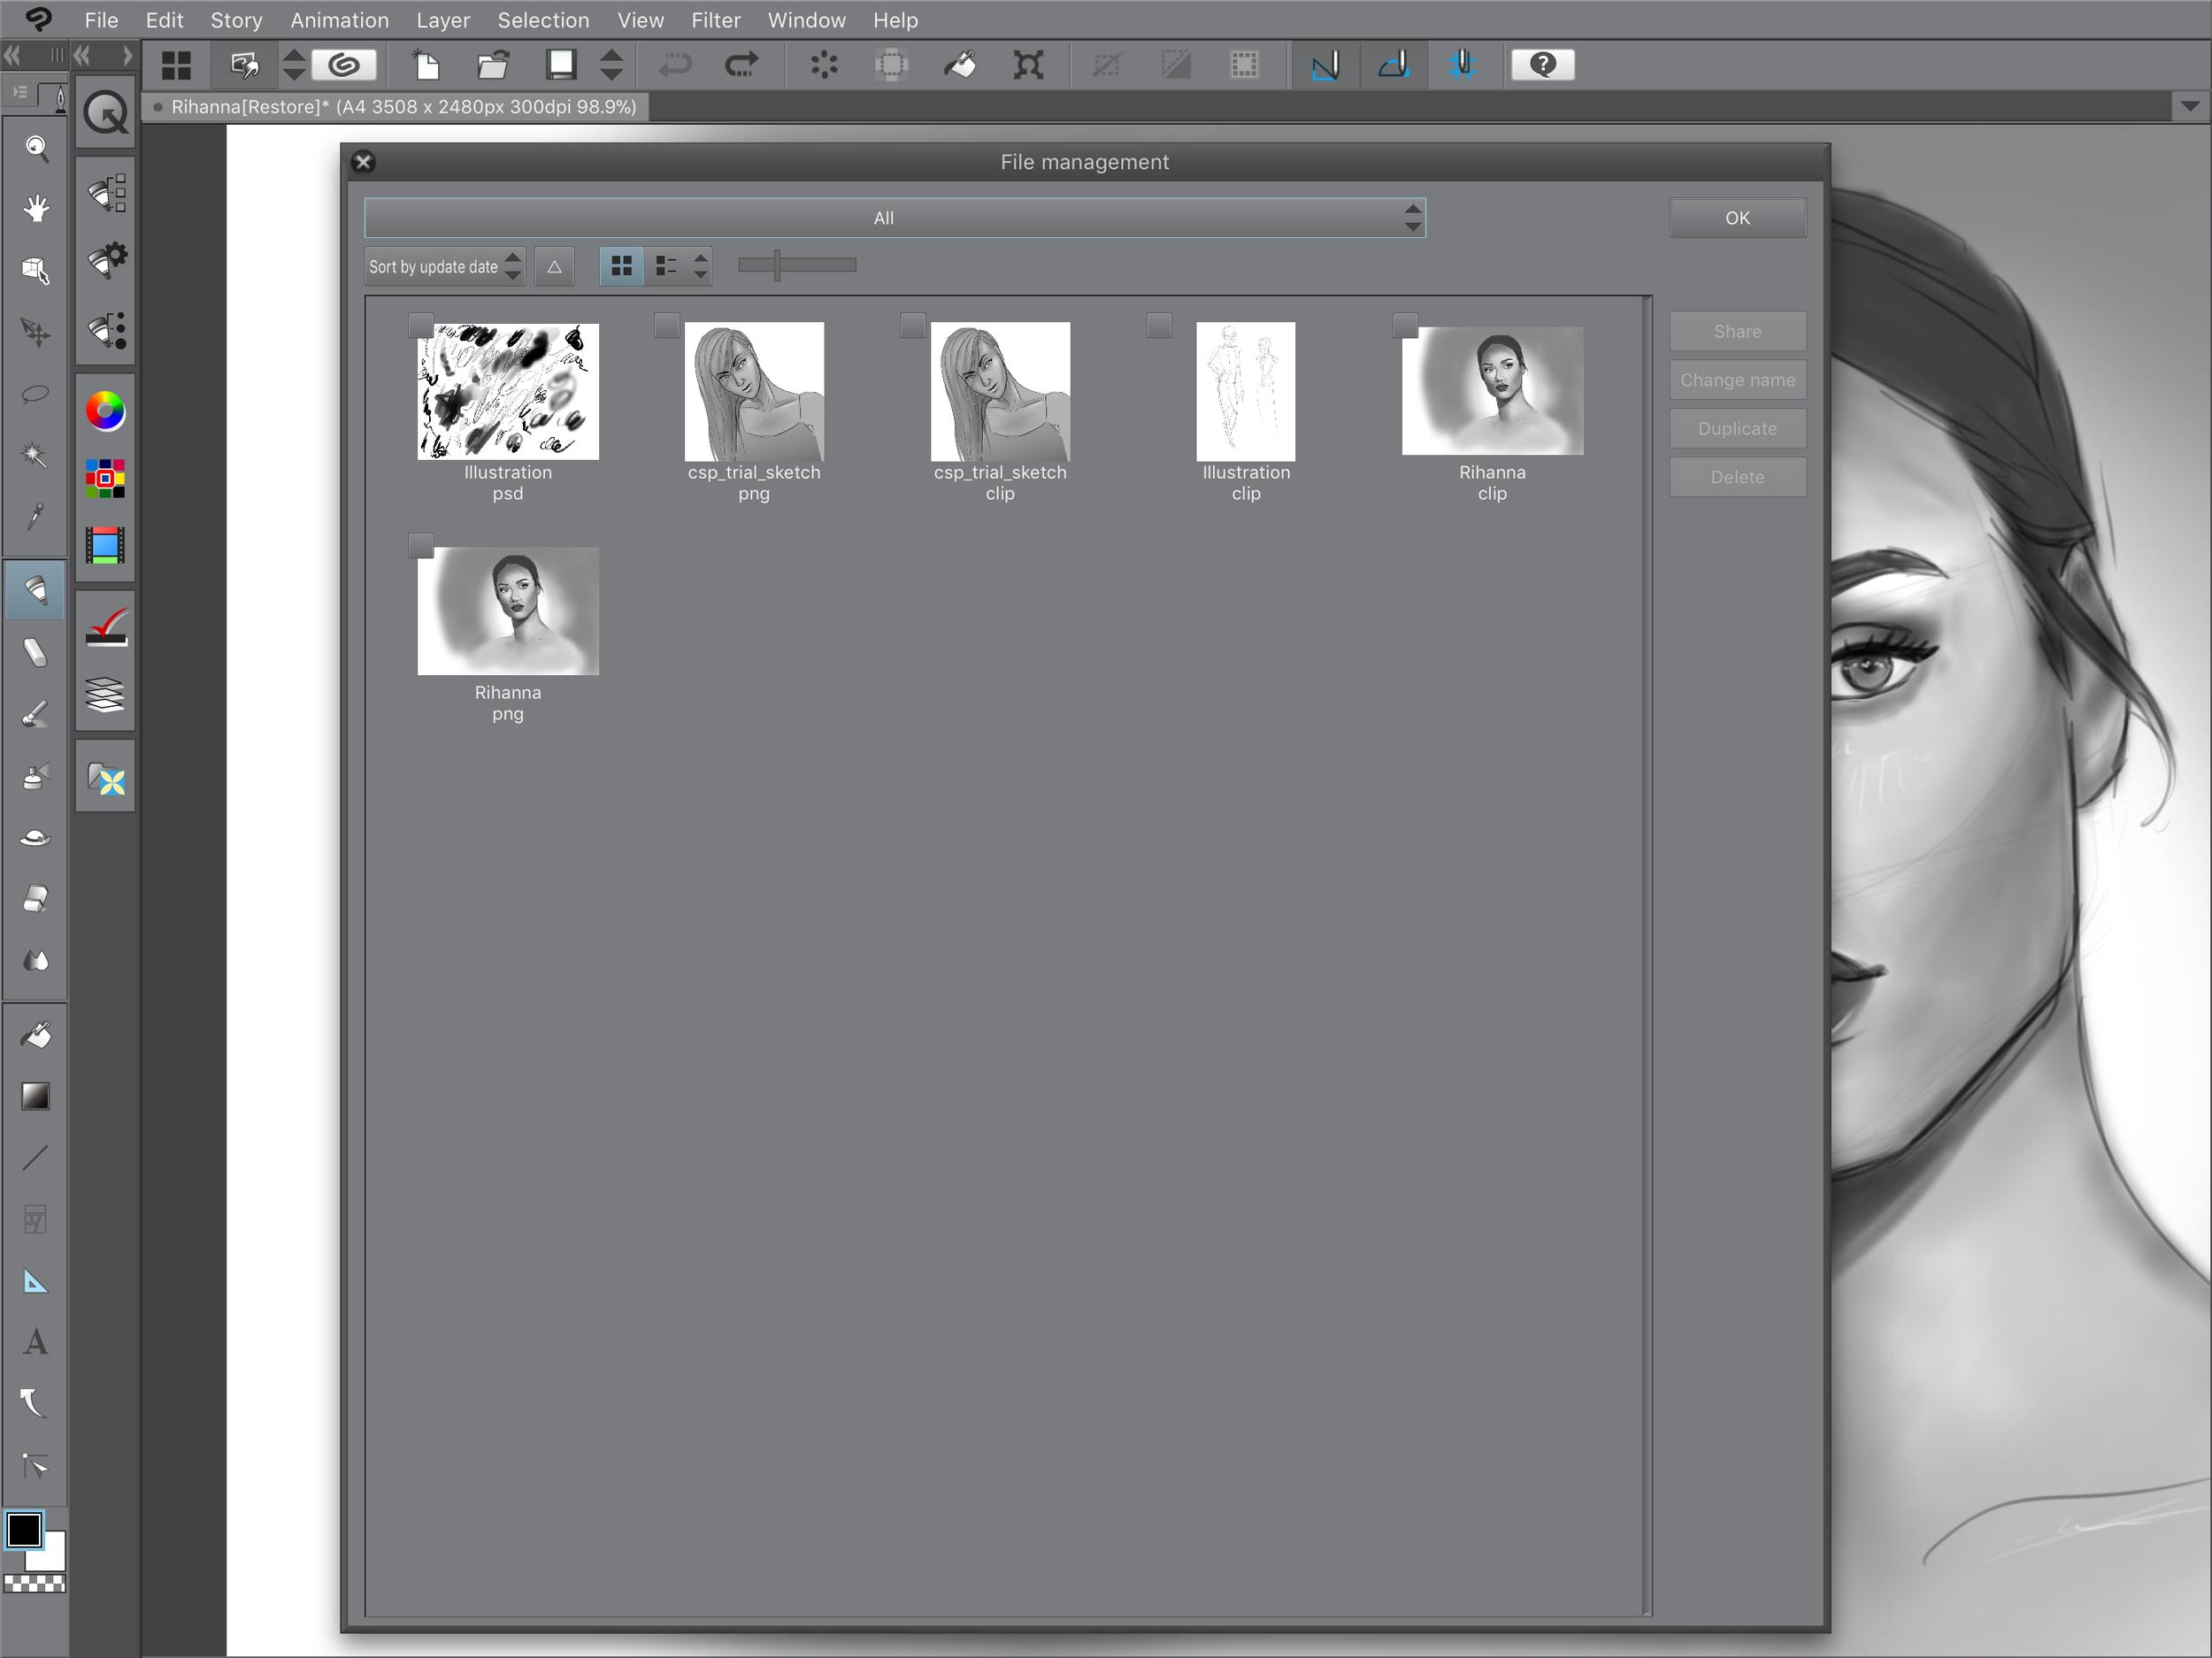 Clip Studio Paint file management system.